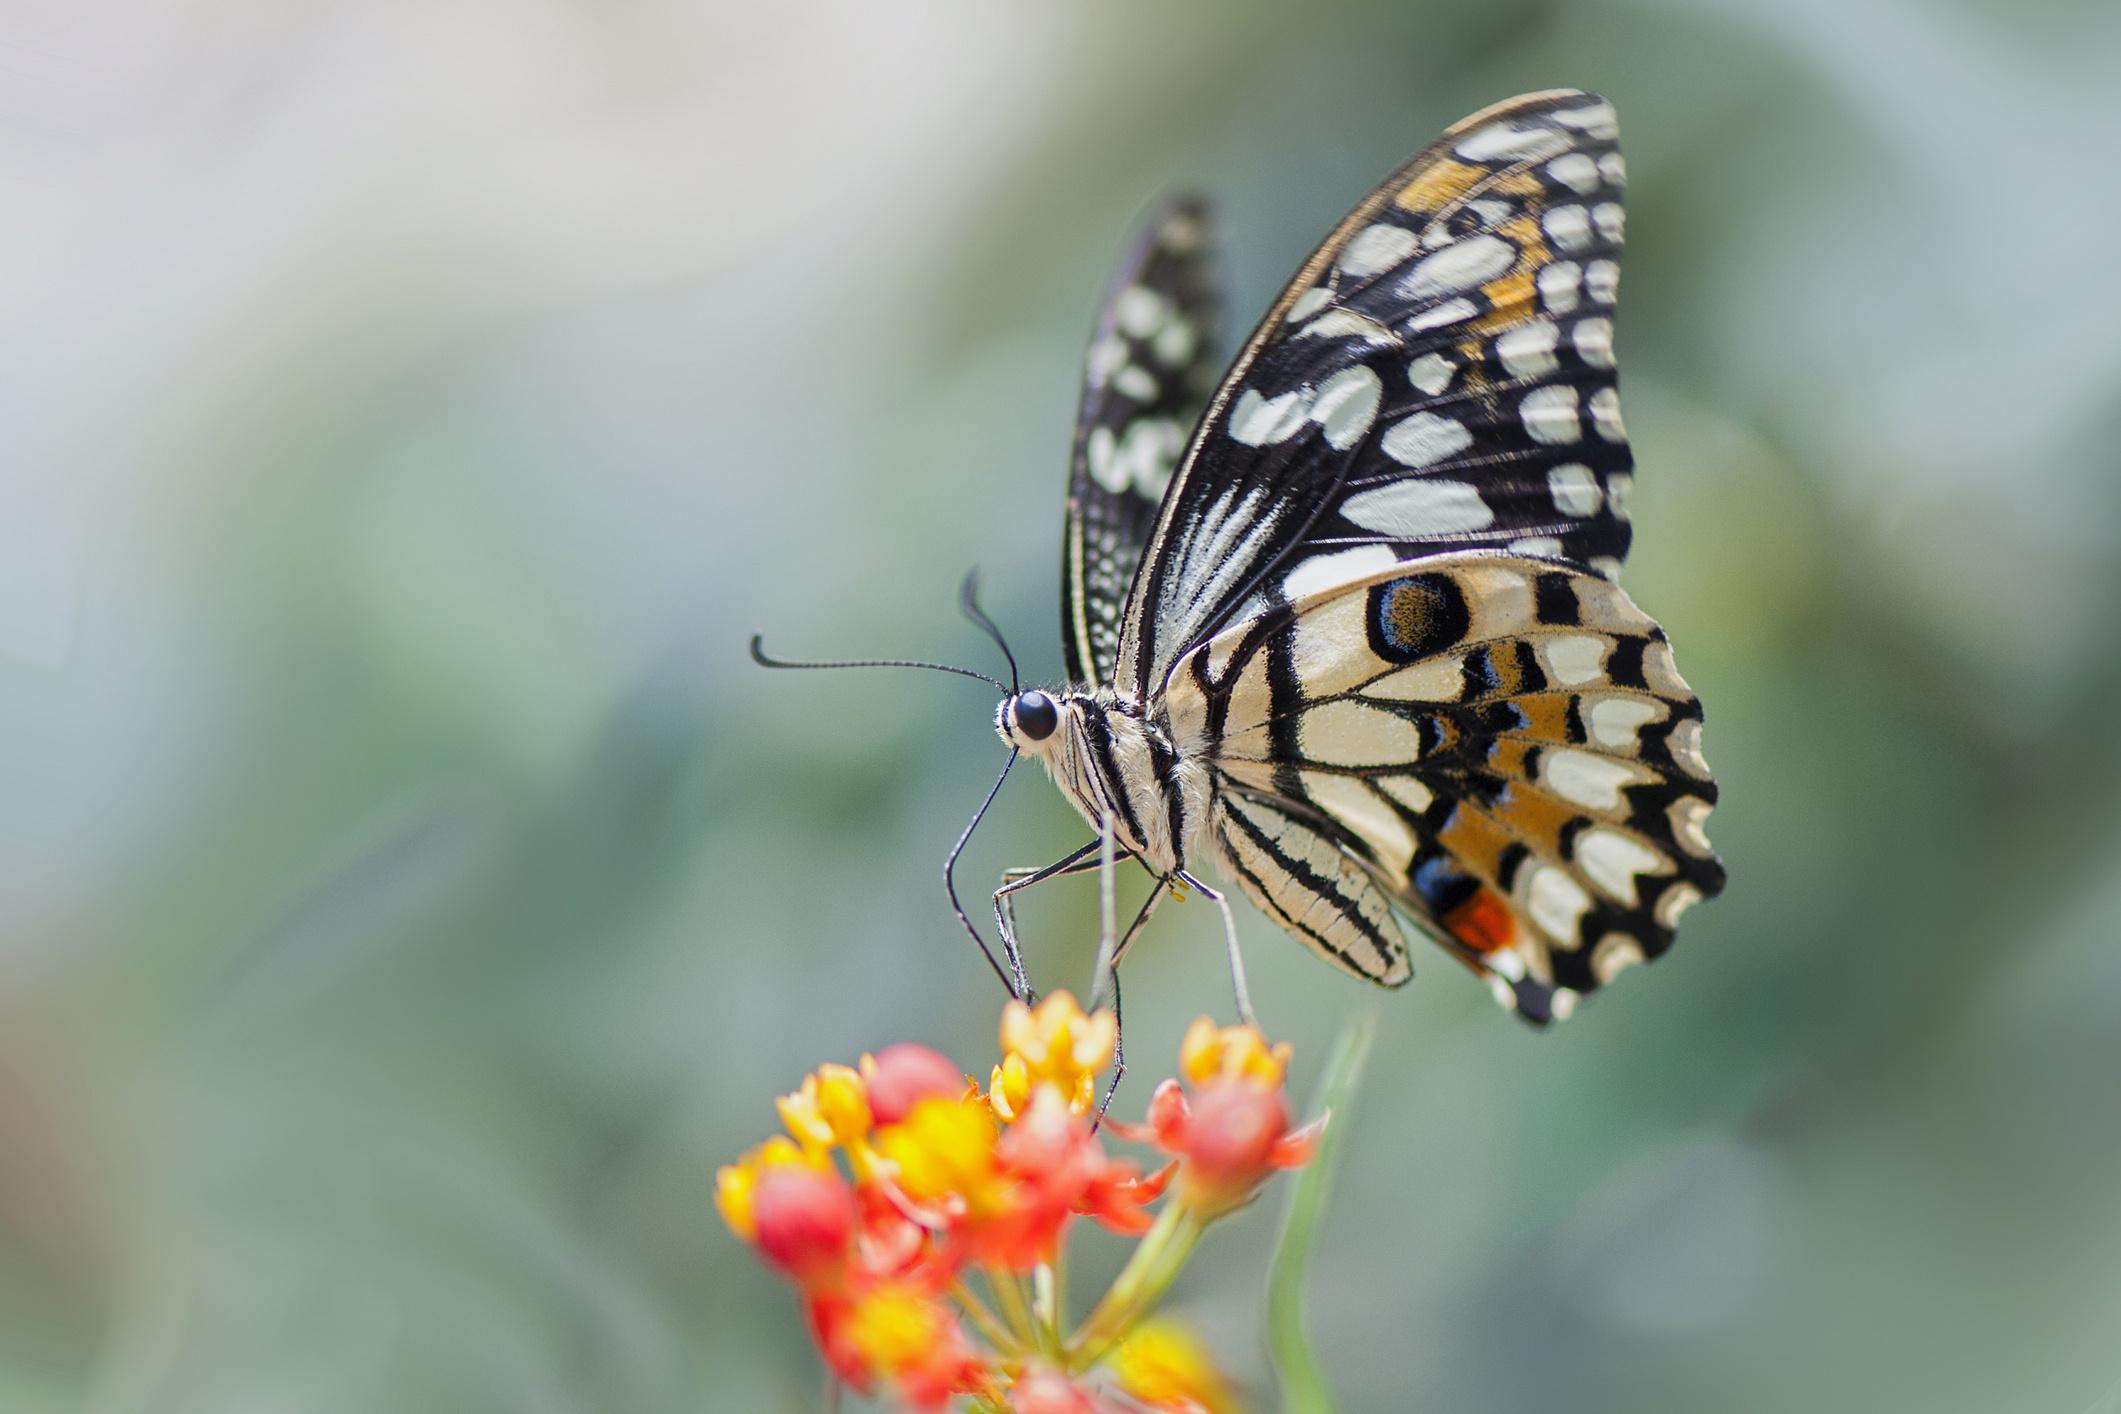 Видеть во сне бабочек цветных красивых много